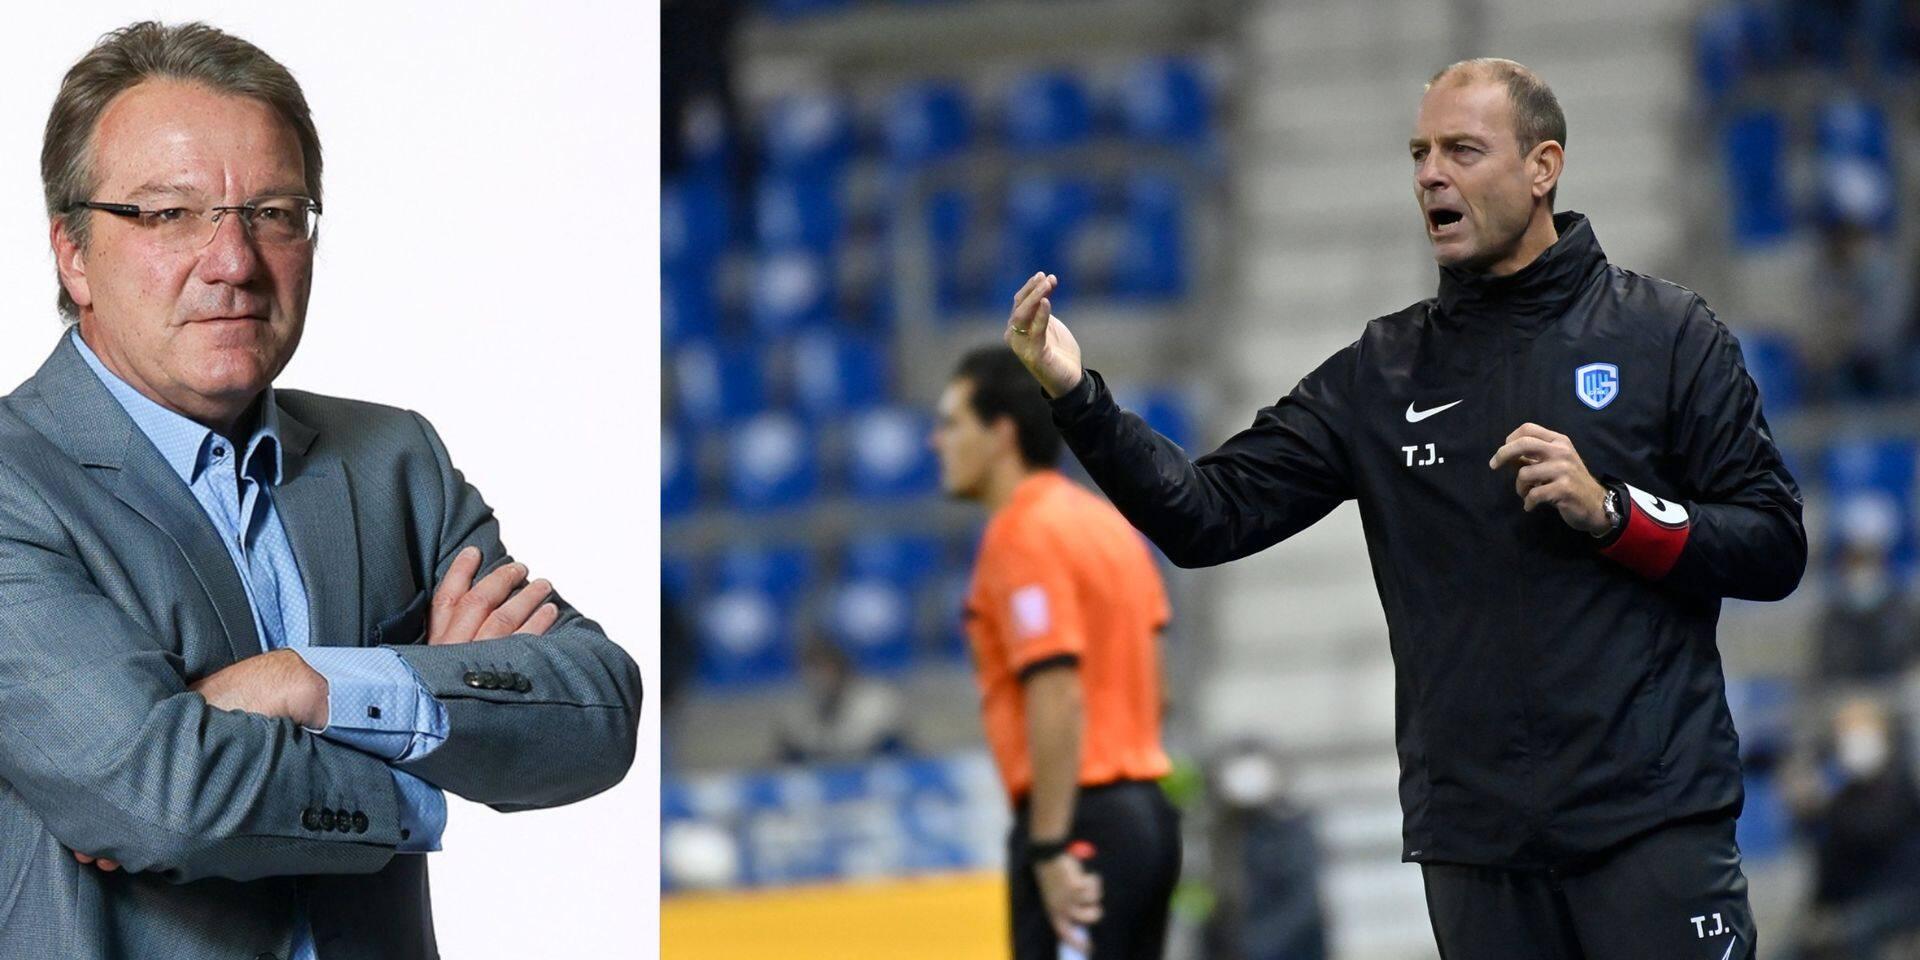 La chronique de Jean-Marc Ghéraille : l'entraîneur Jess Thorup a eu raison de… limoger son club de Genk